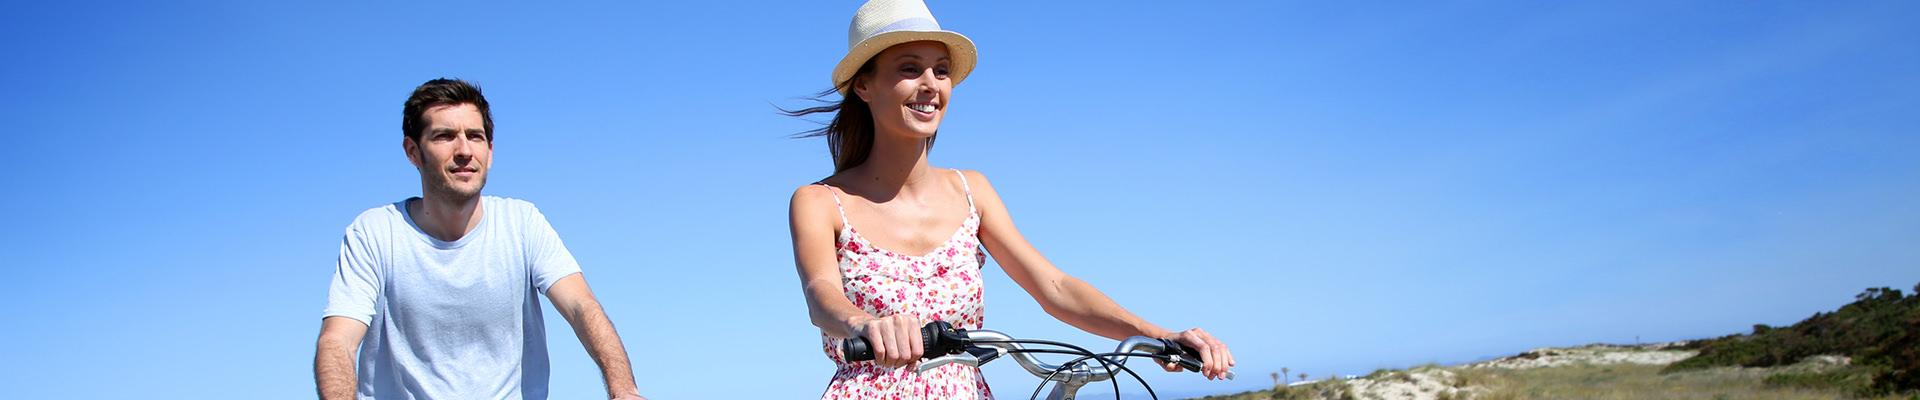 eaccu.be - elektrische-fiets-ebike